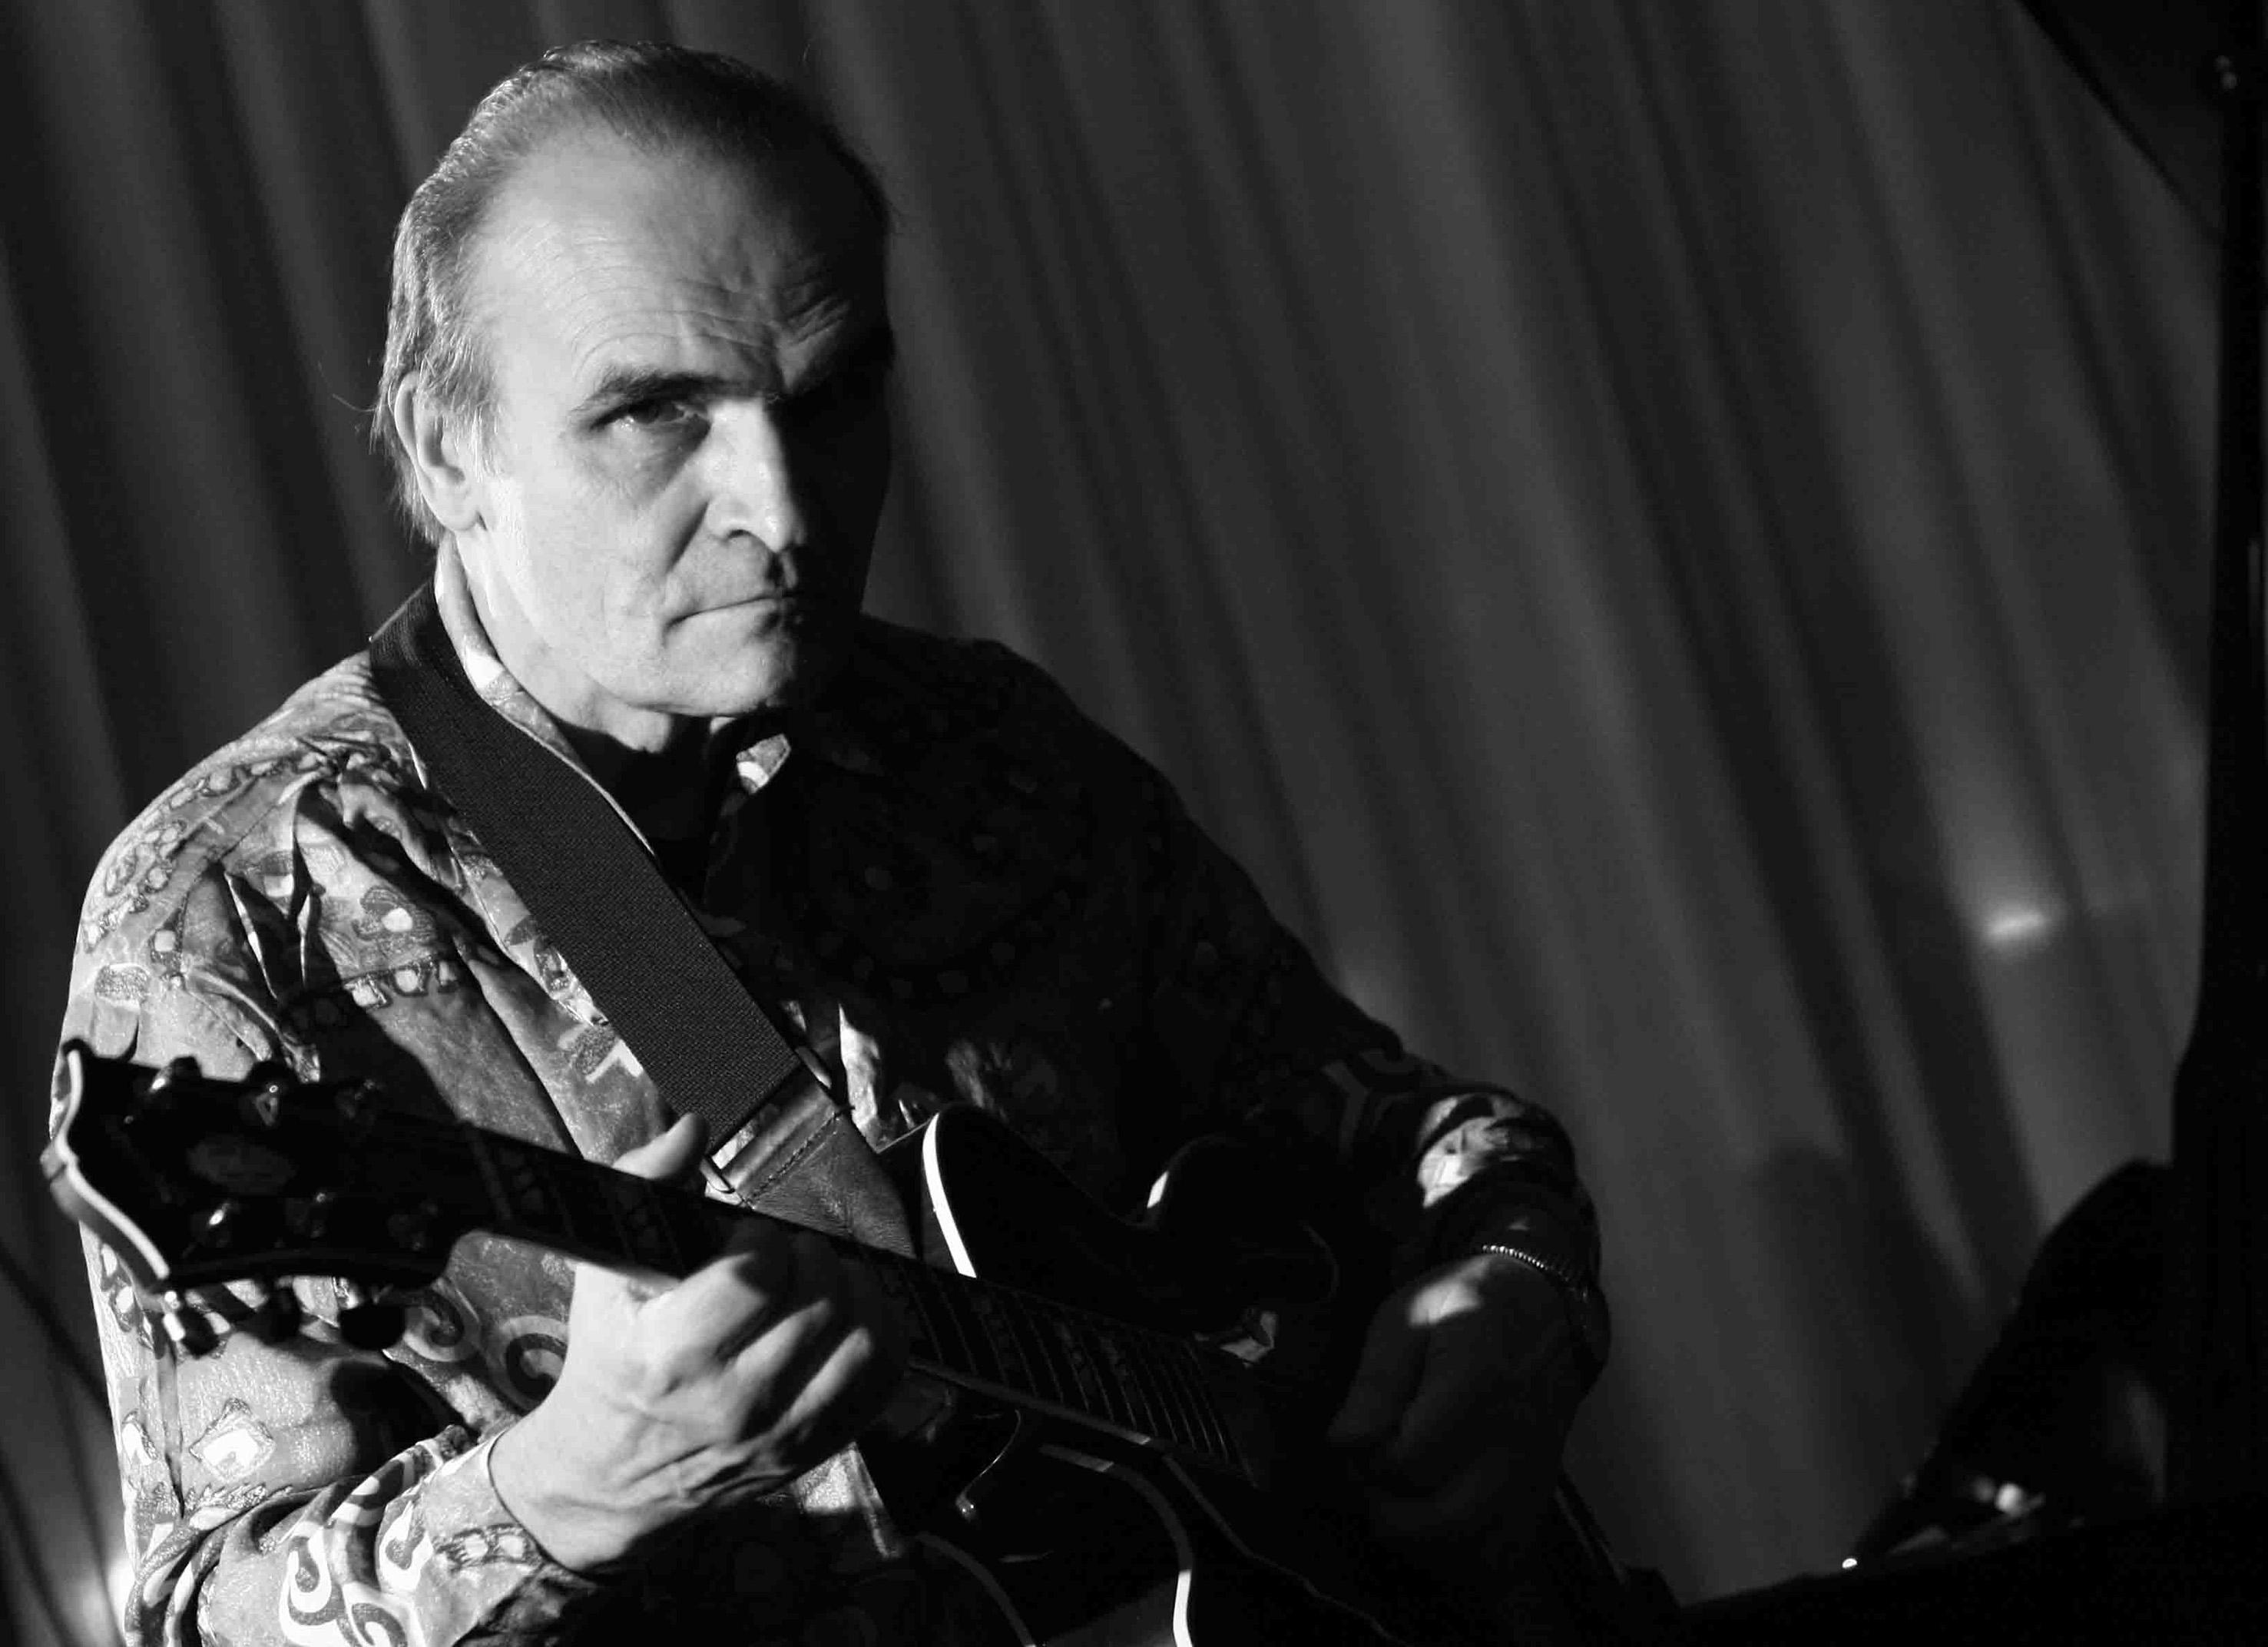 El guitarrista Marc Fosset clausura el ciclo Jazz a la serena del VIII Festival Internacional de Jazz de Peñíscola. Foto gva.es